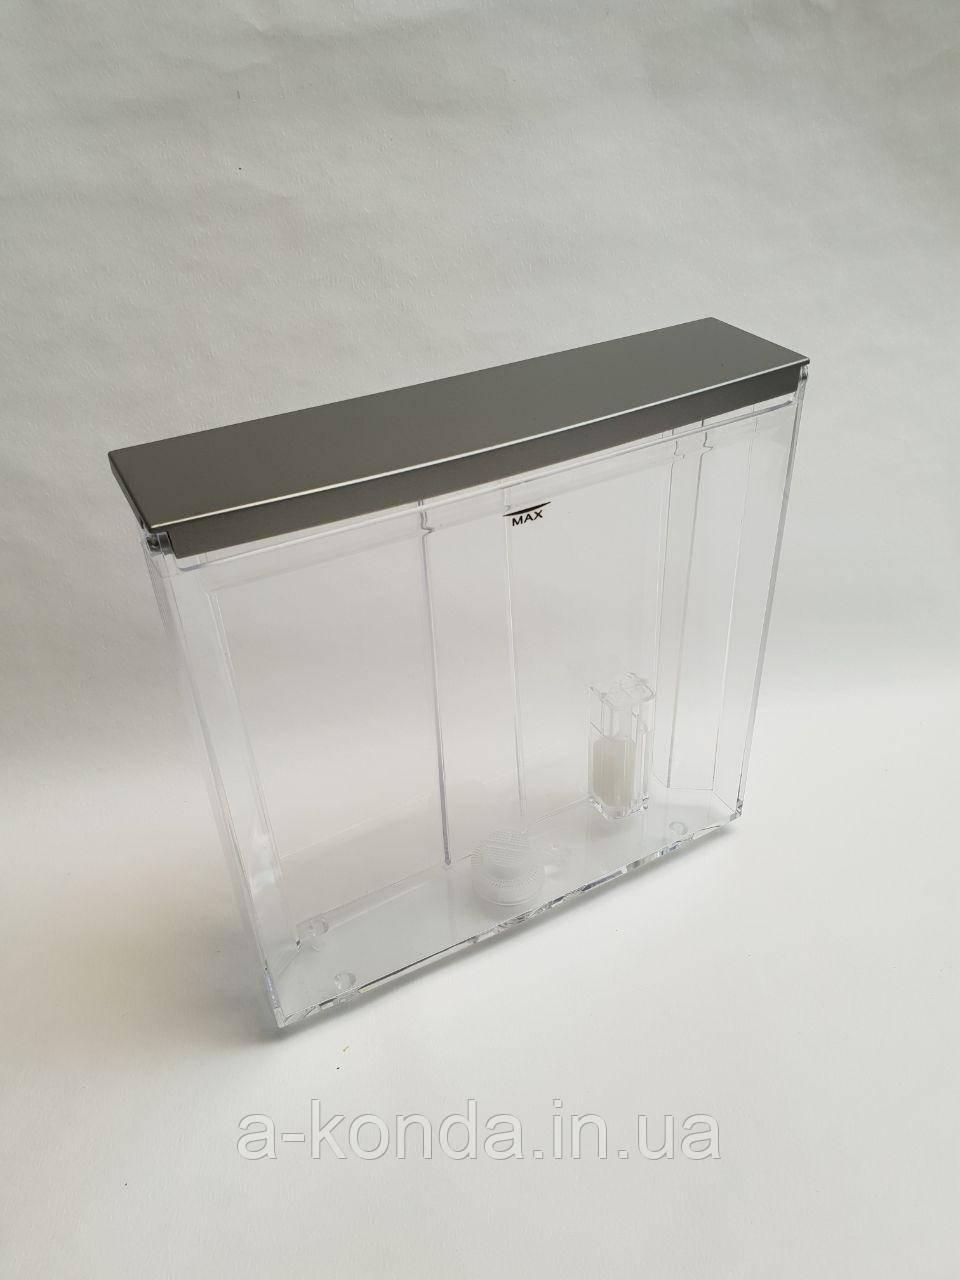 Резервуар (бачок) для воды кофеварок Zelmer 613201.6150 793238